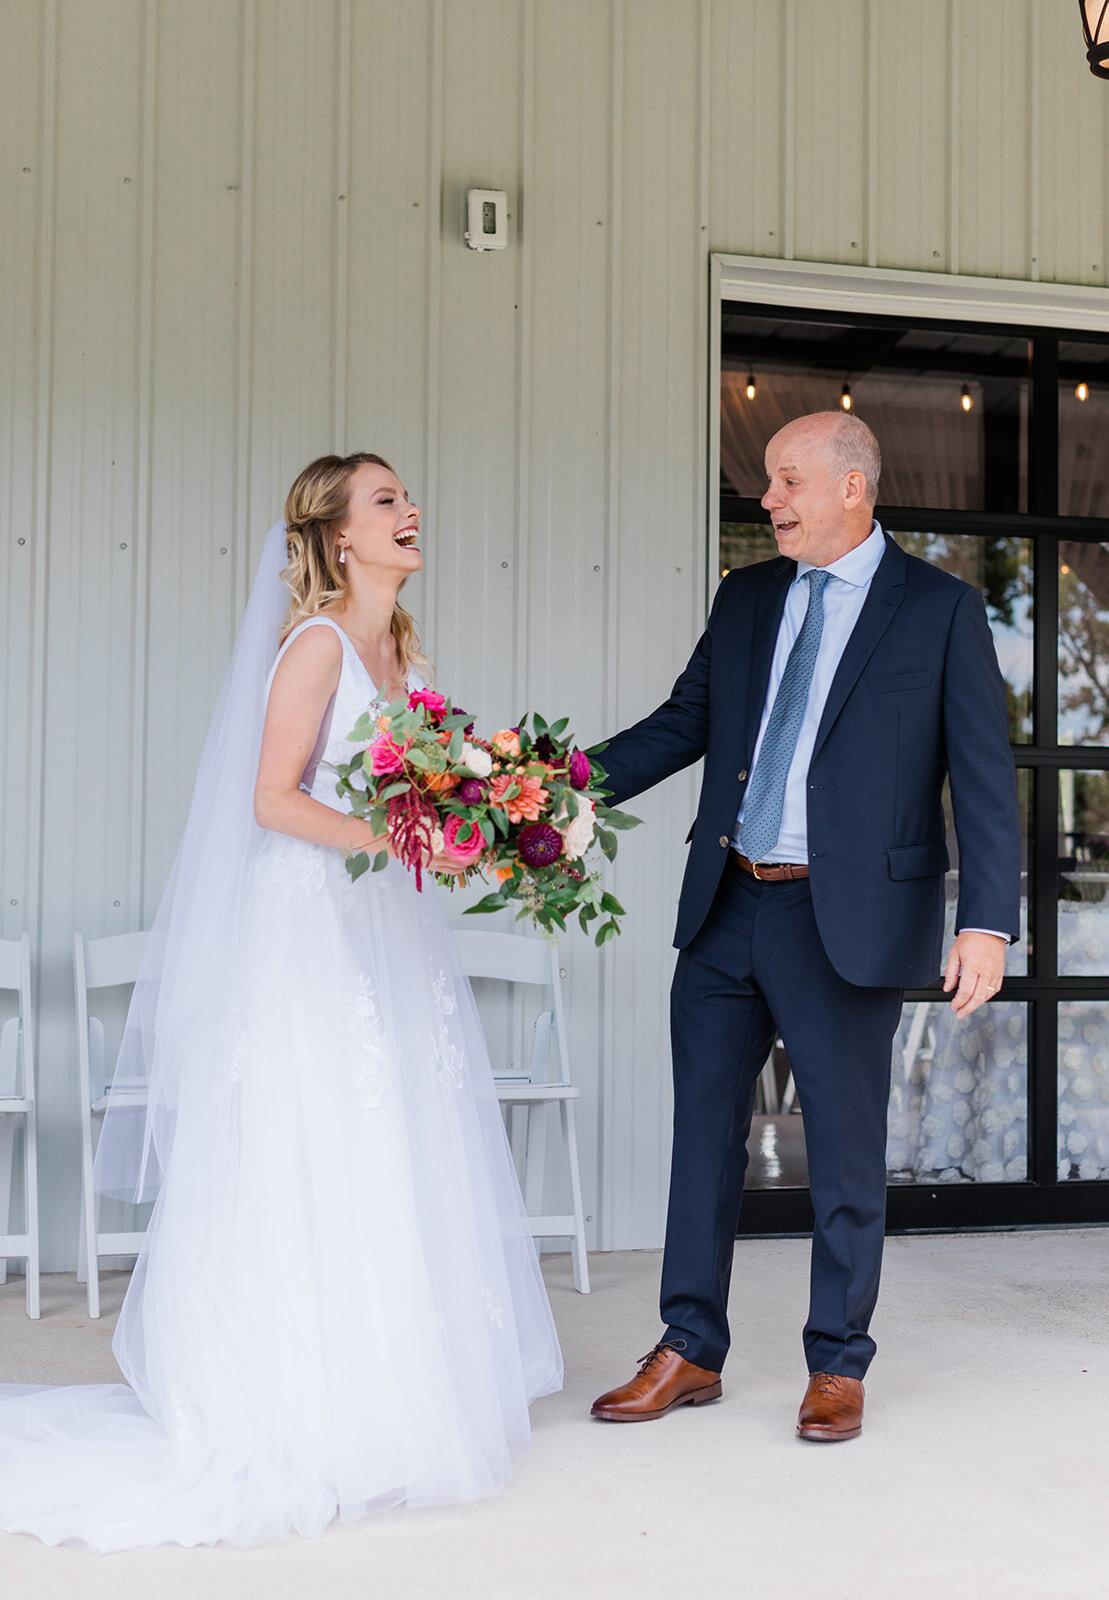 Tulsa Oklahoma Wedding Venues 14.jpg